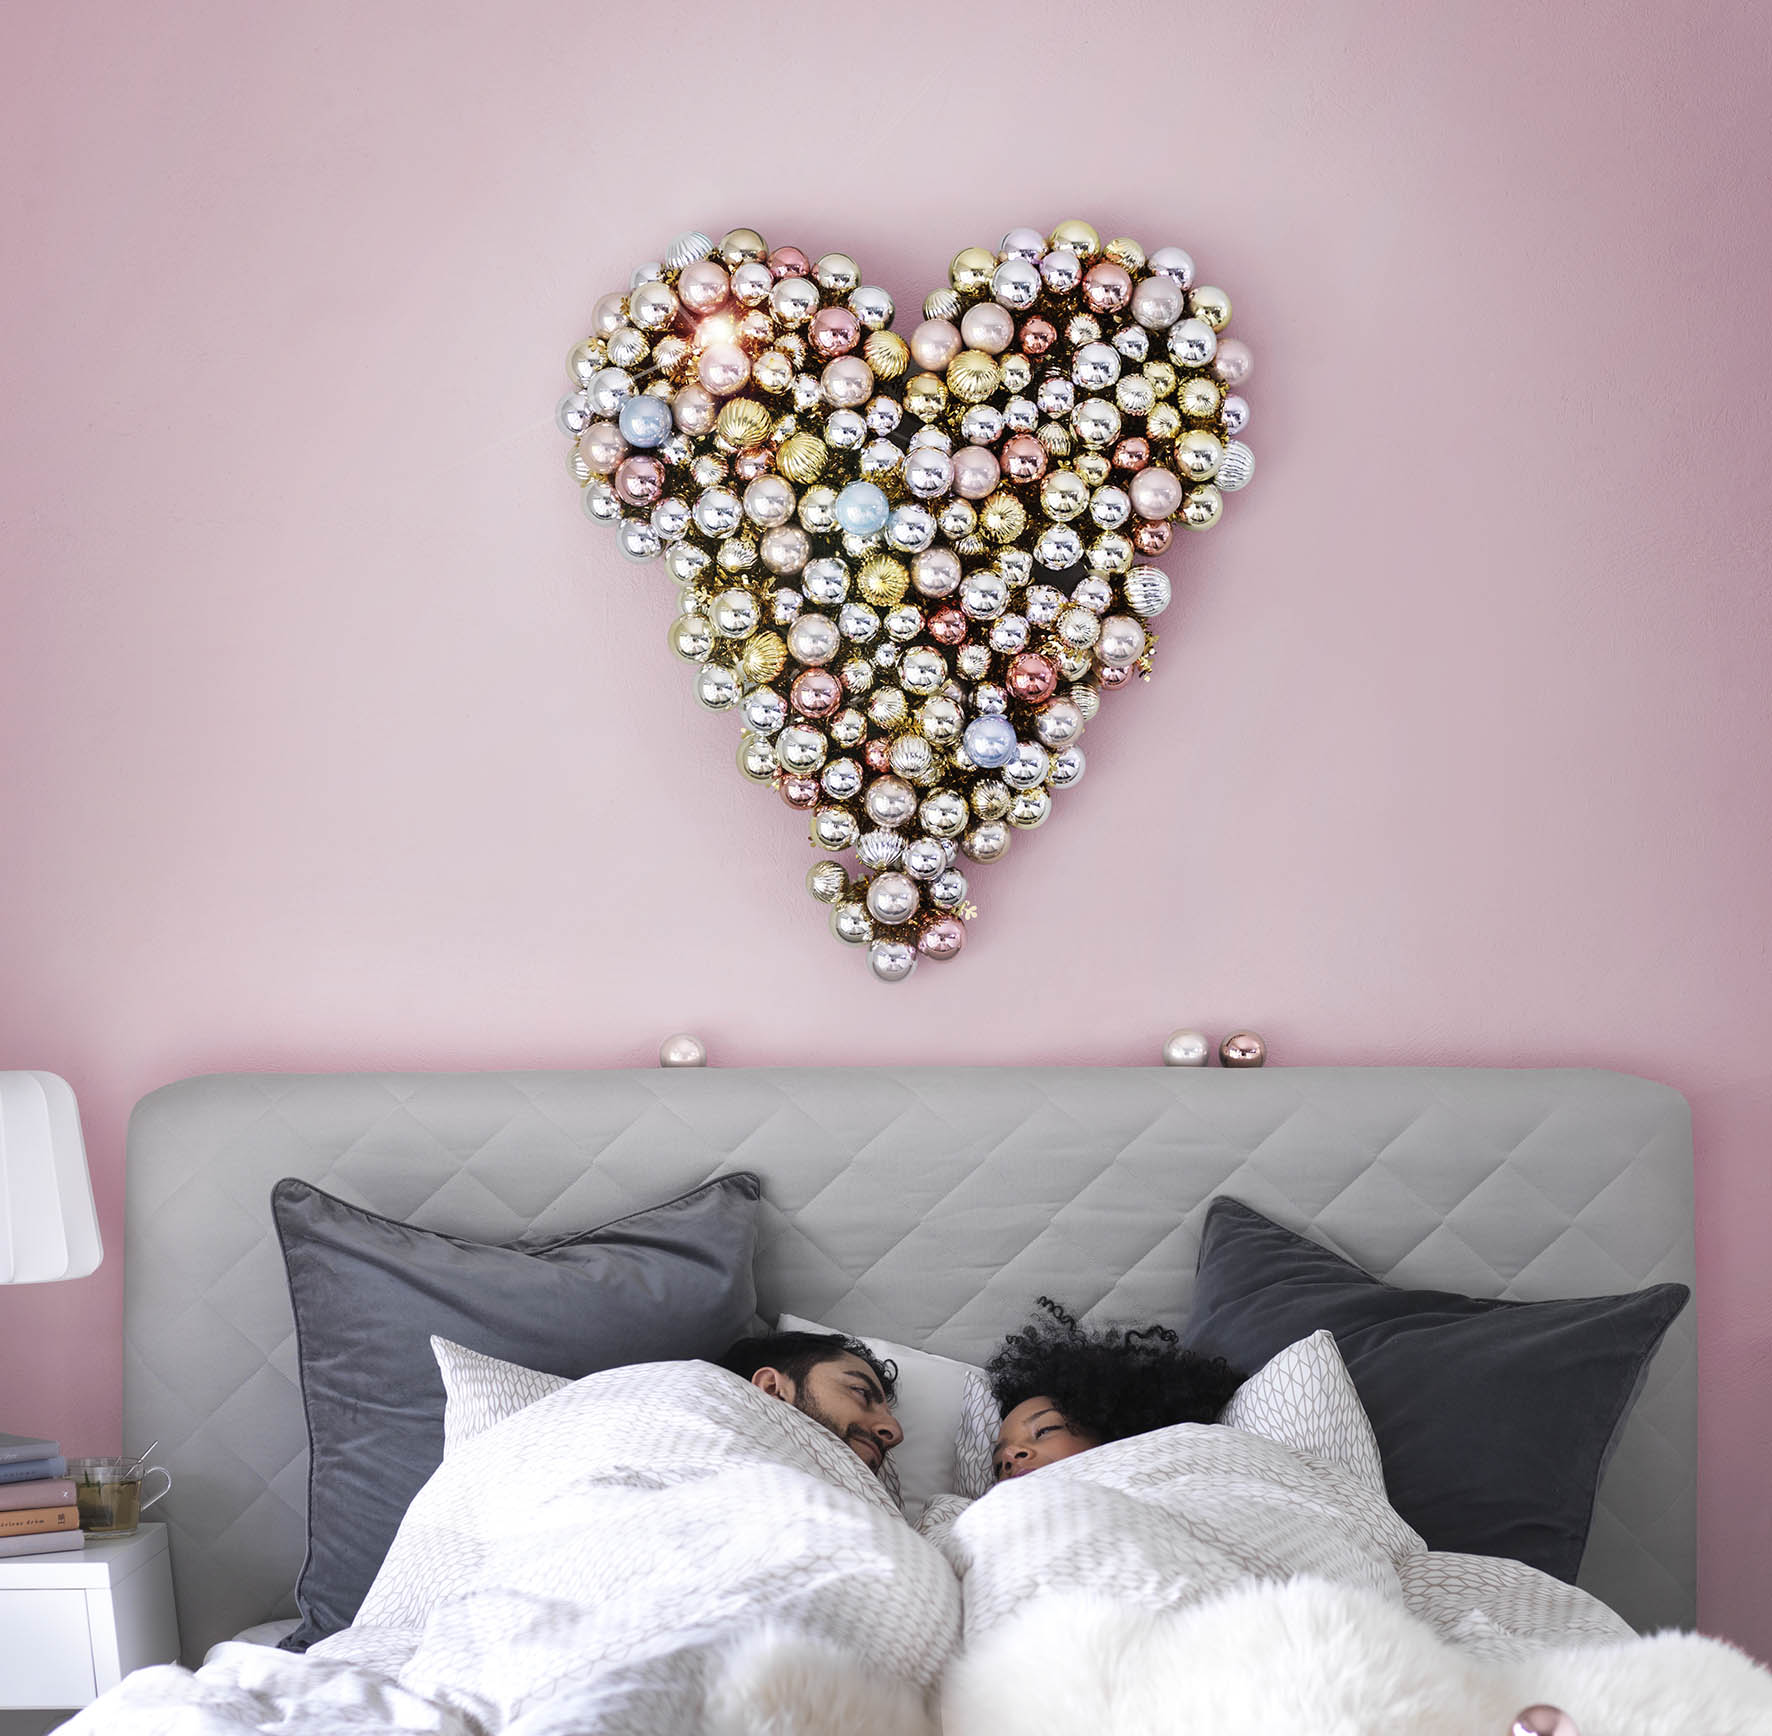 Je slaapkamer versieren voor kerst: 25+ ideetjes - Christmaholic.nl